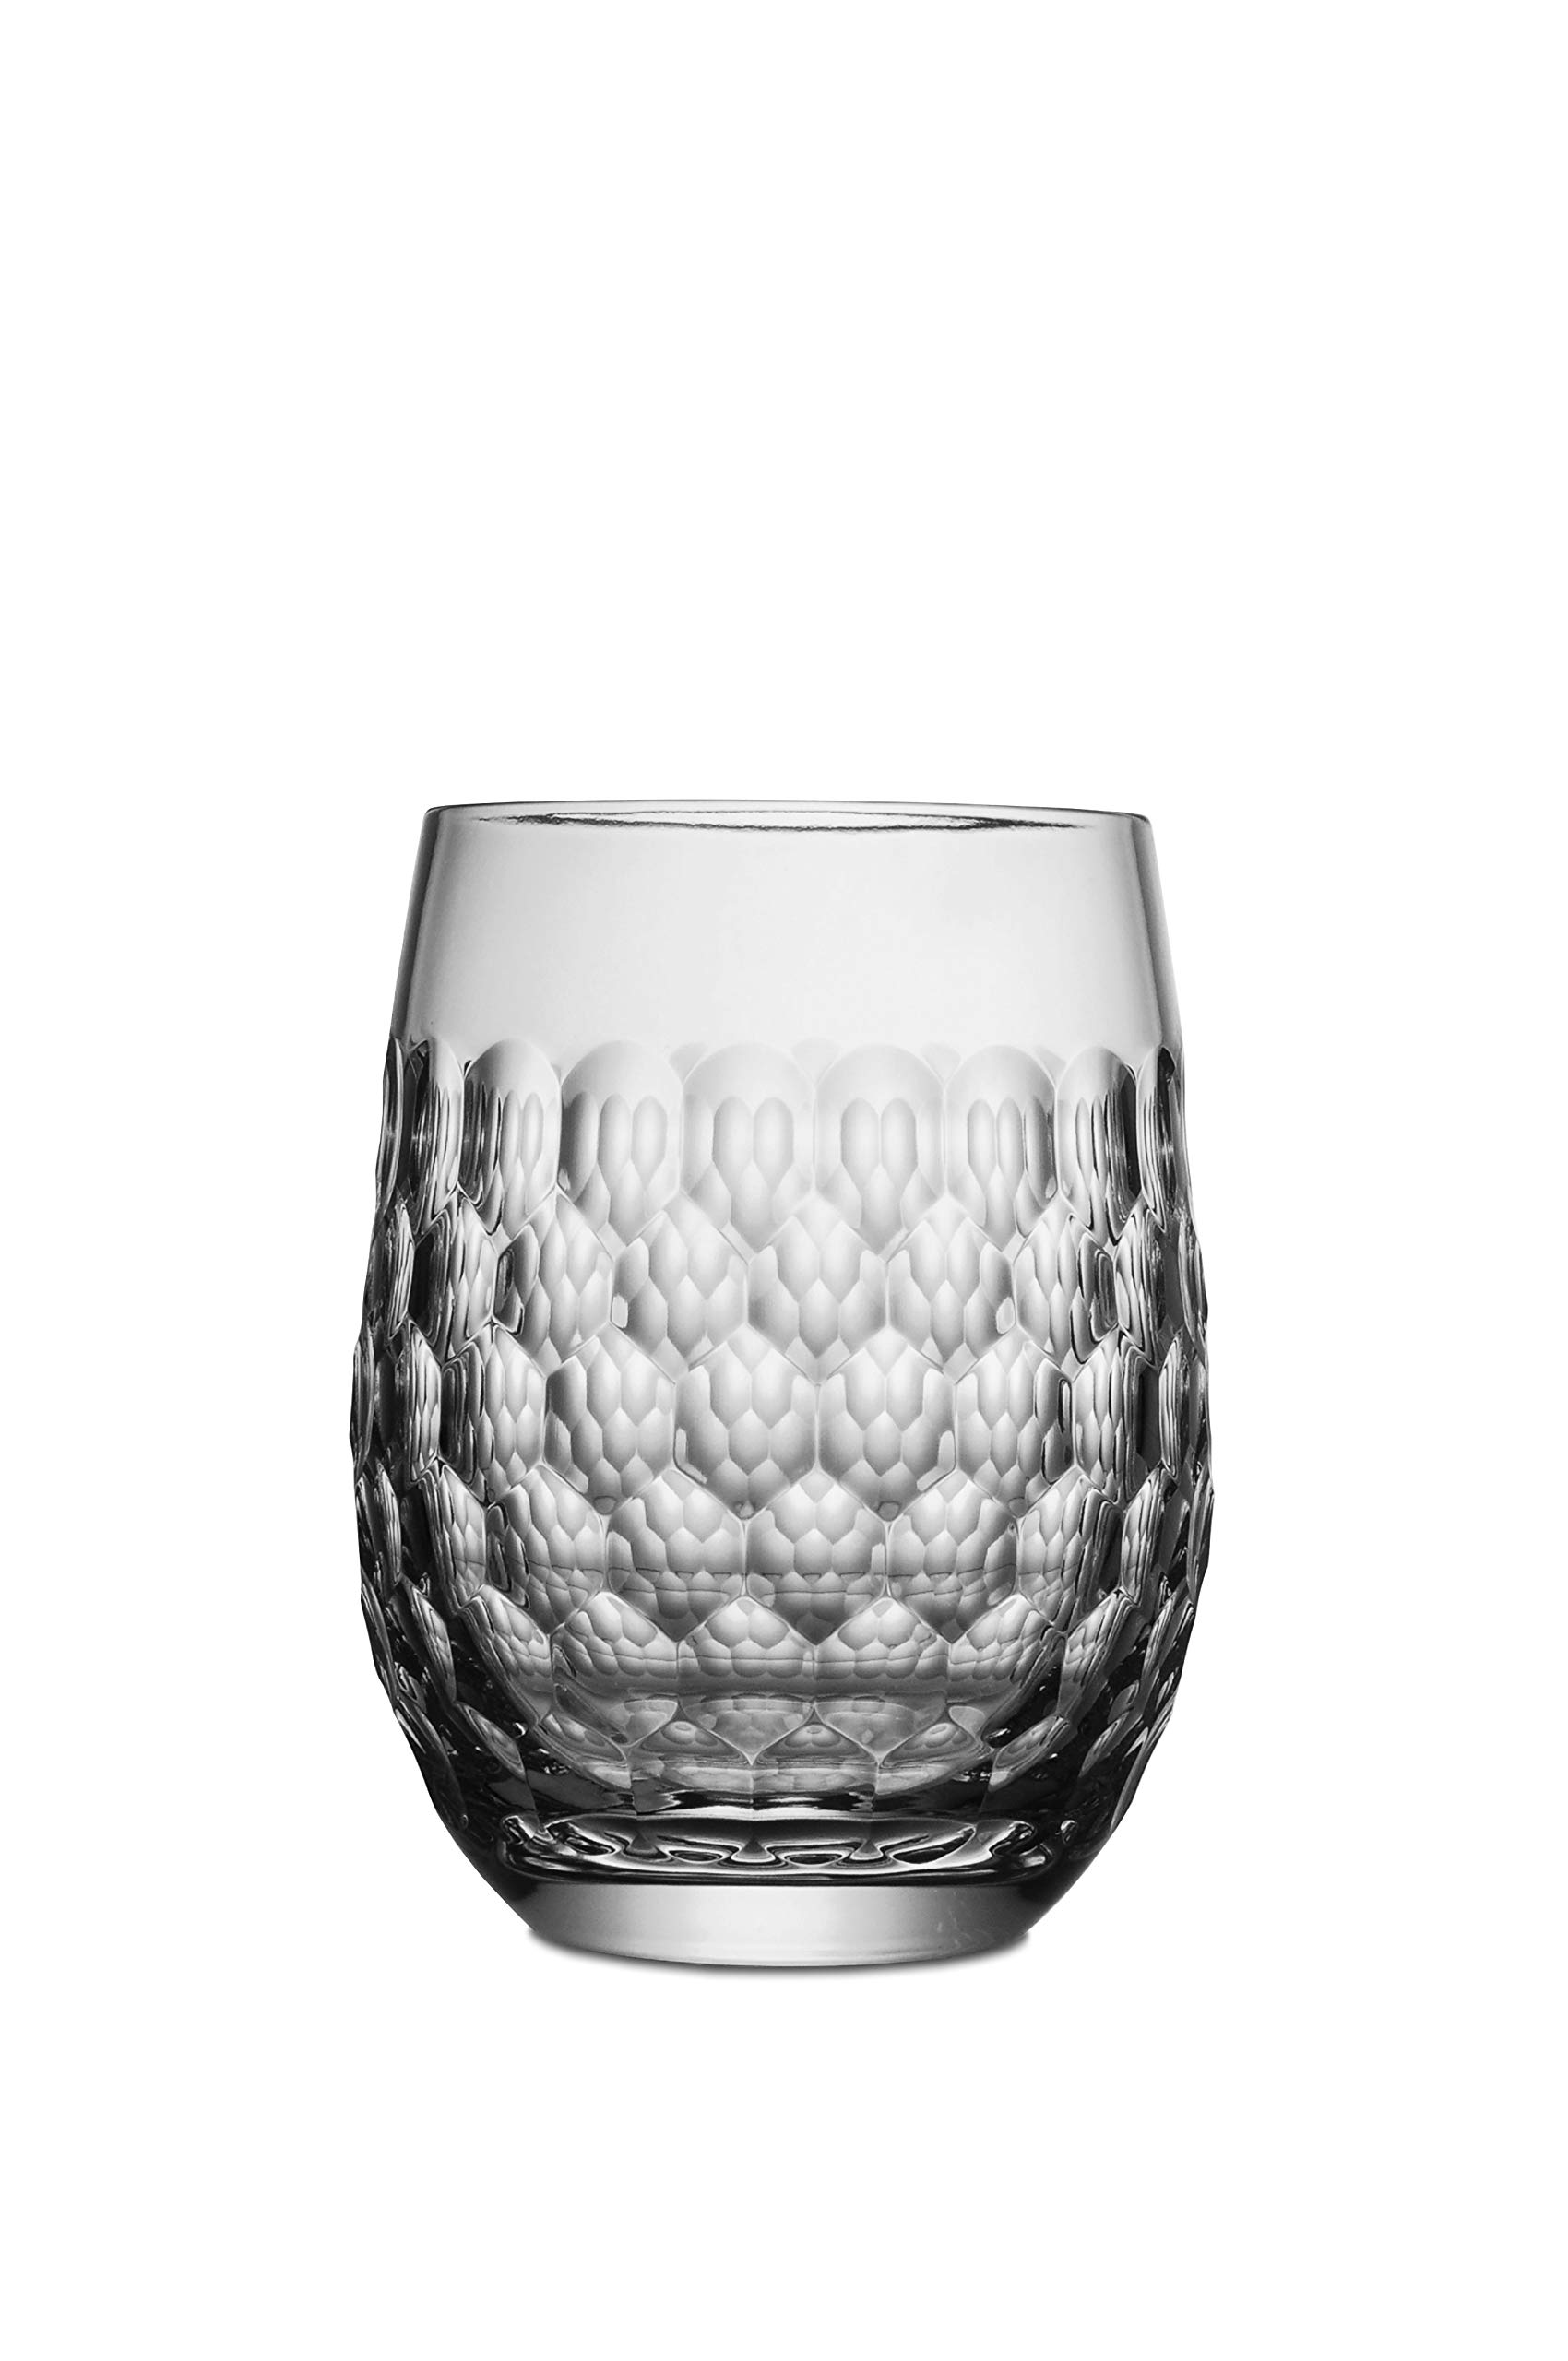 Crystaljulia 06719 Juice Glass Lead Crystal Clear